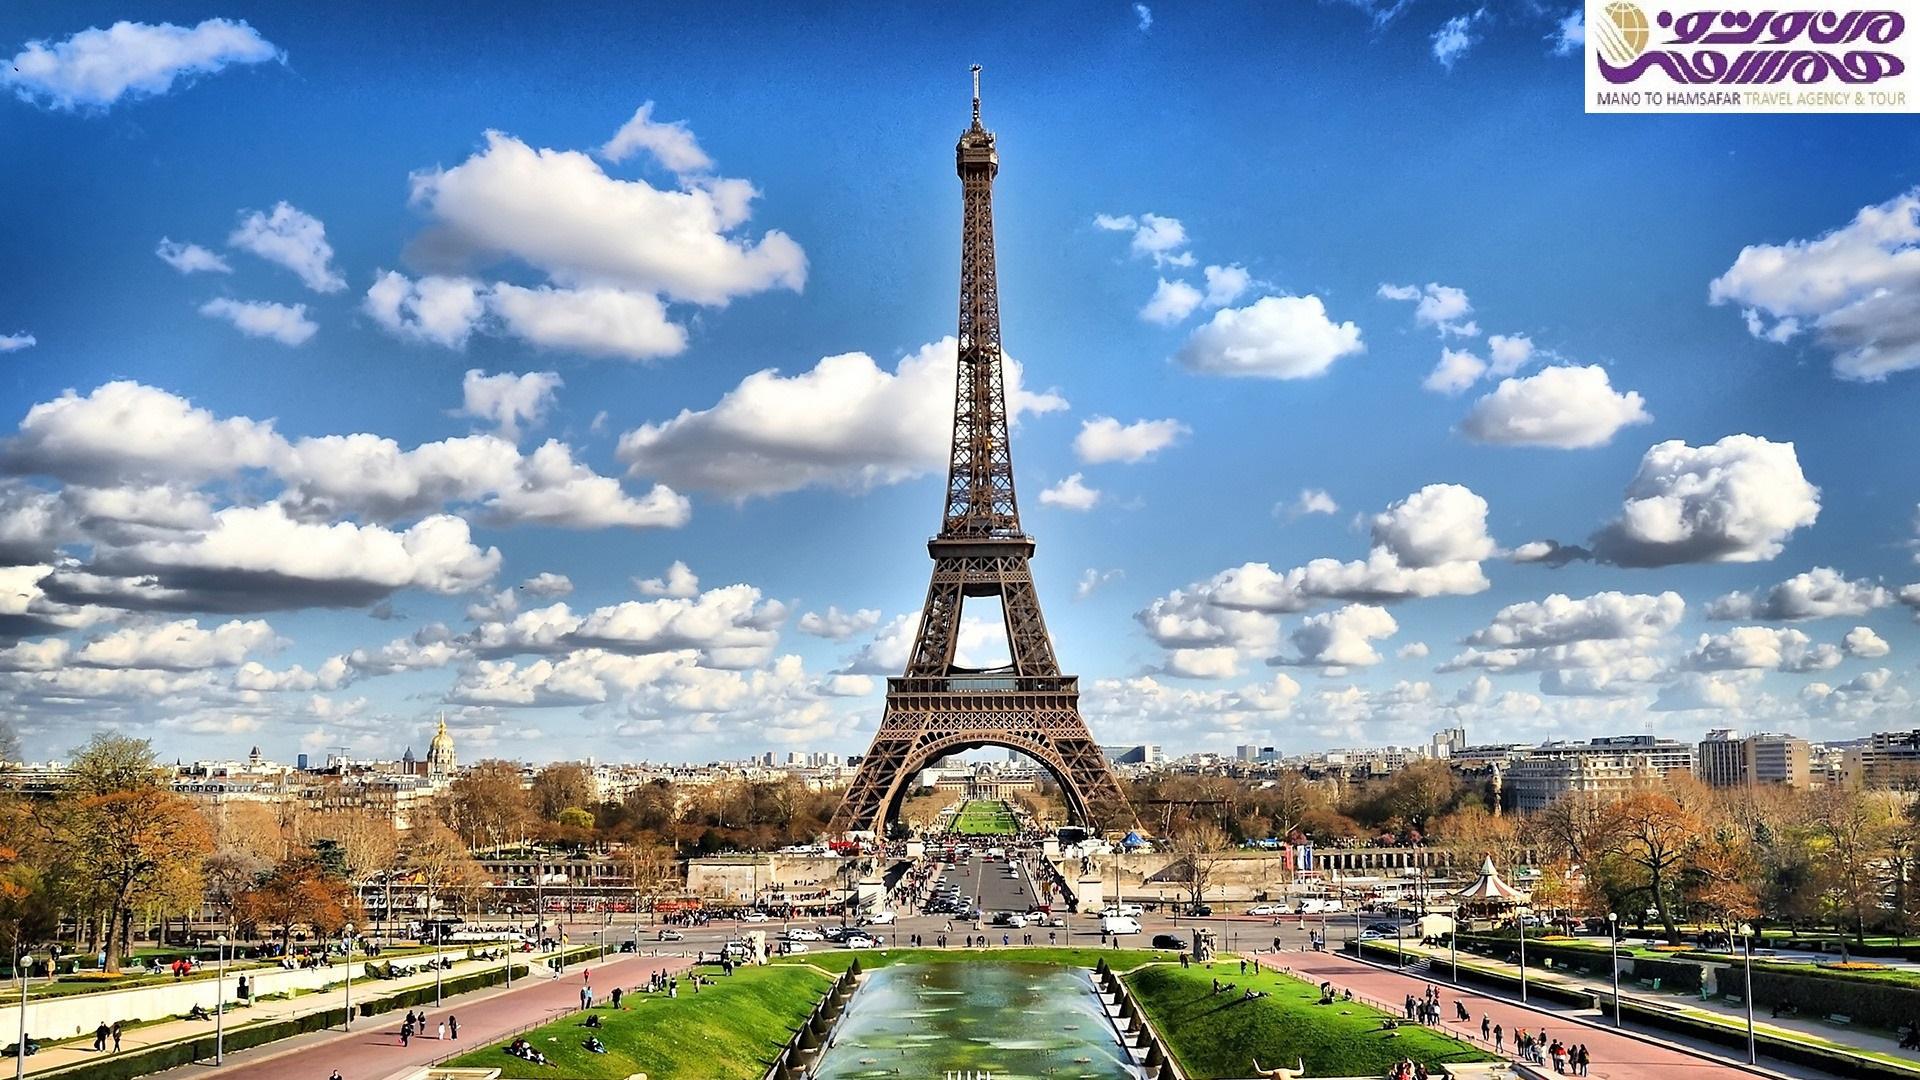 فرانسه1 2 تور اروپا نوروز 96